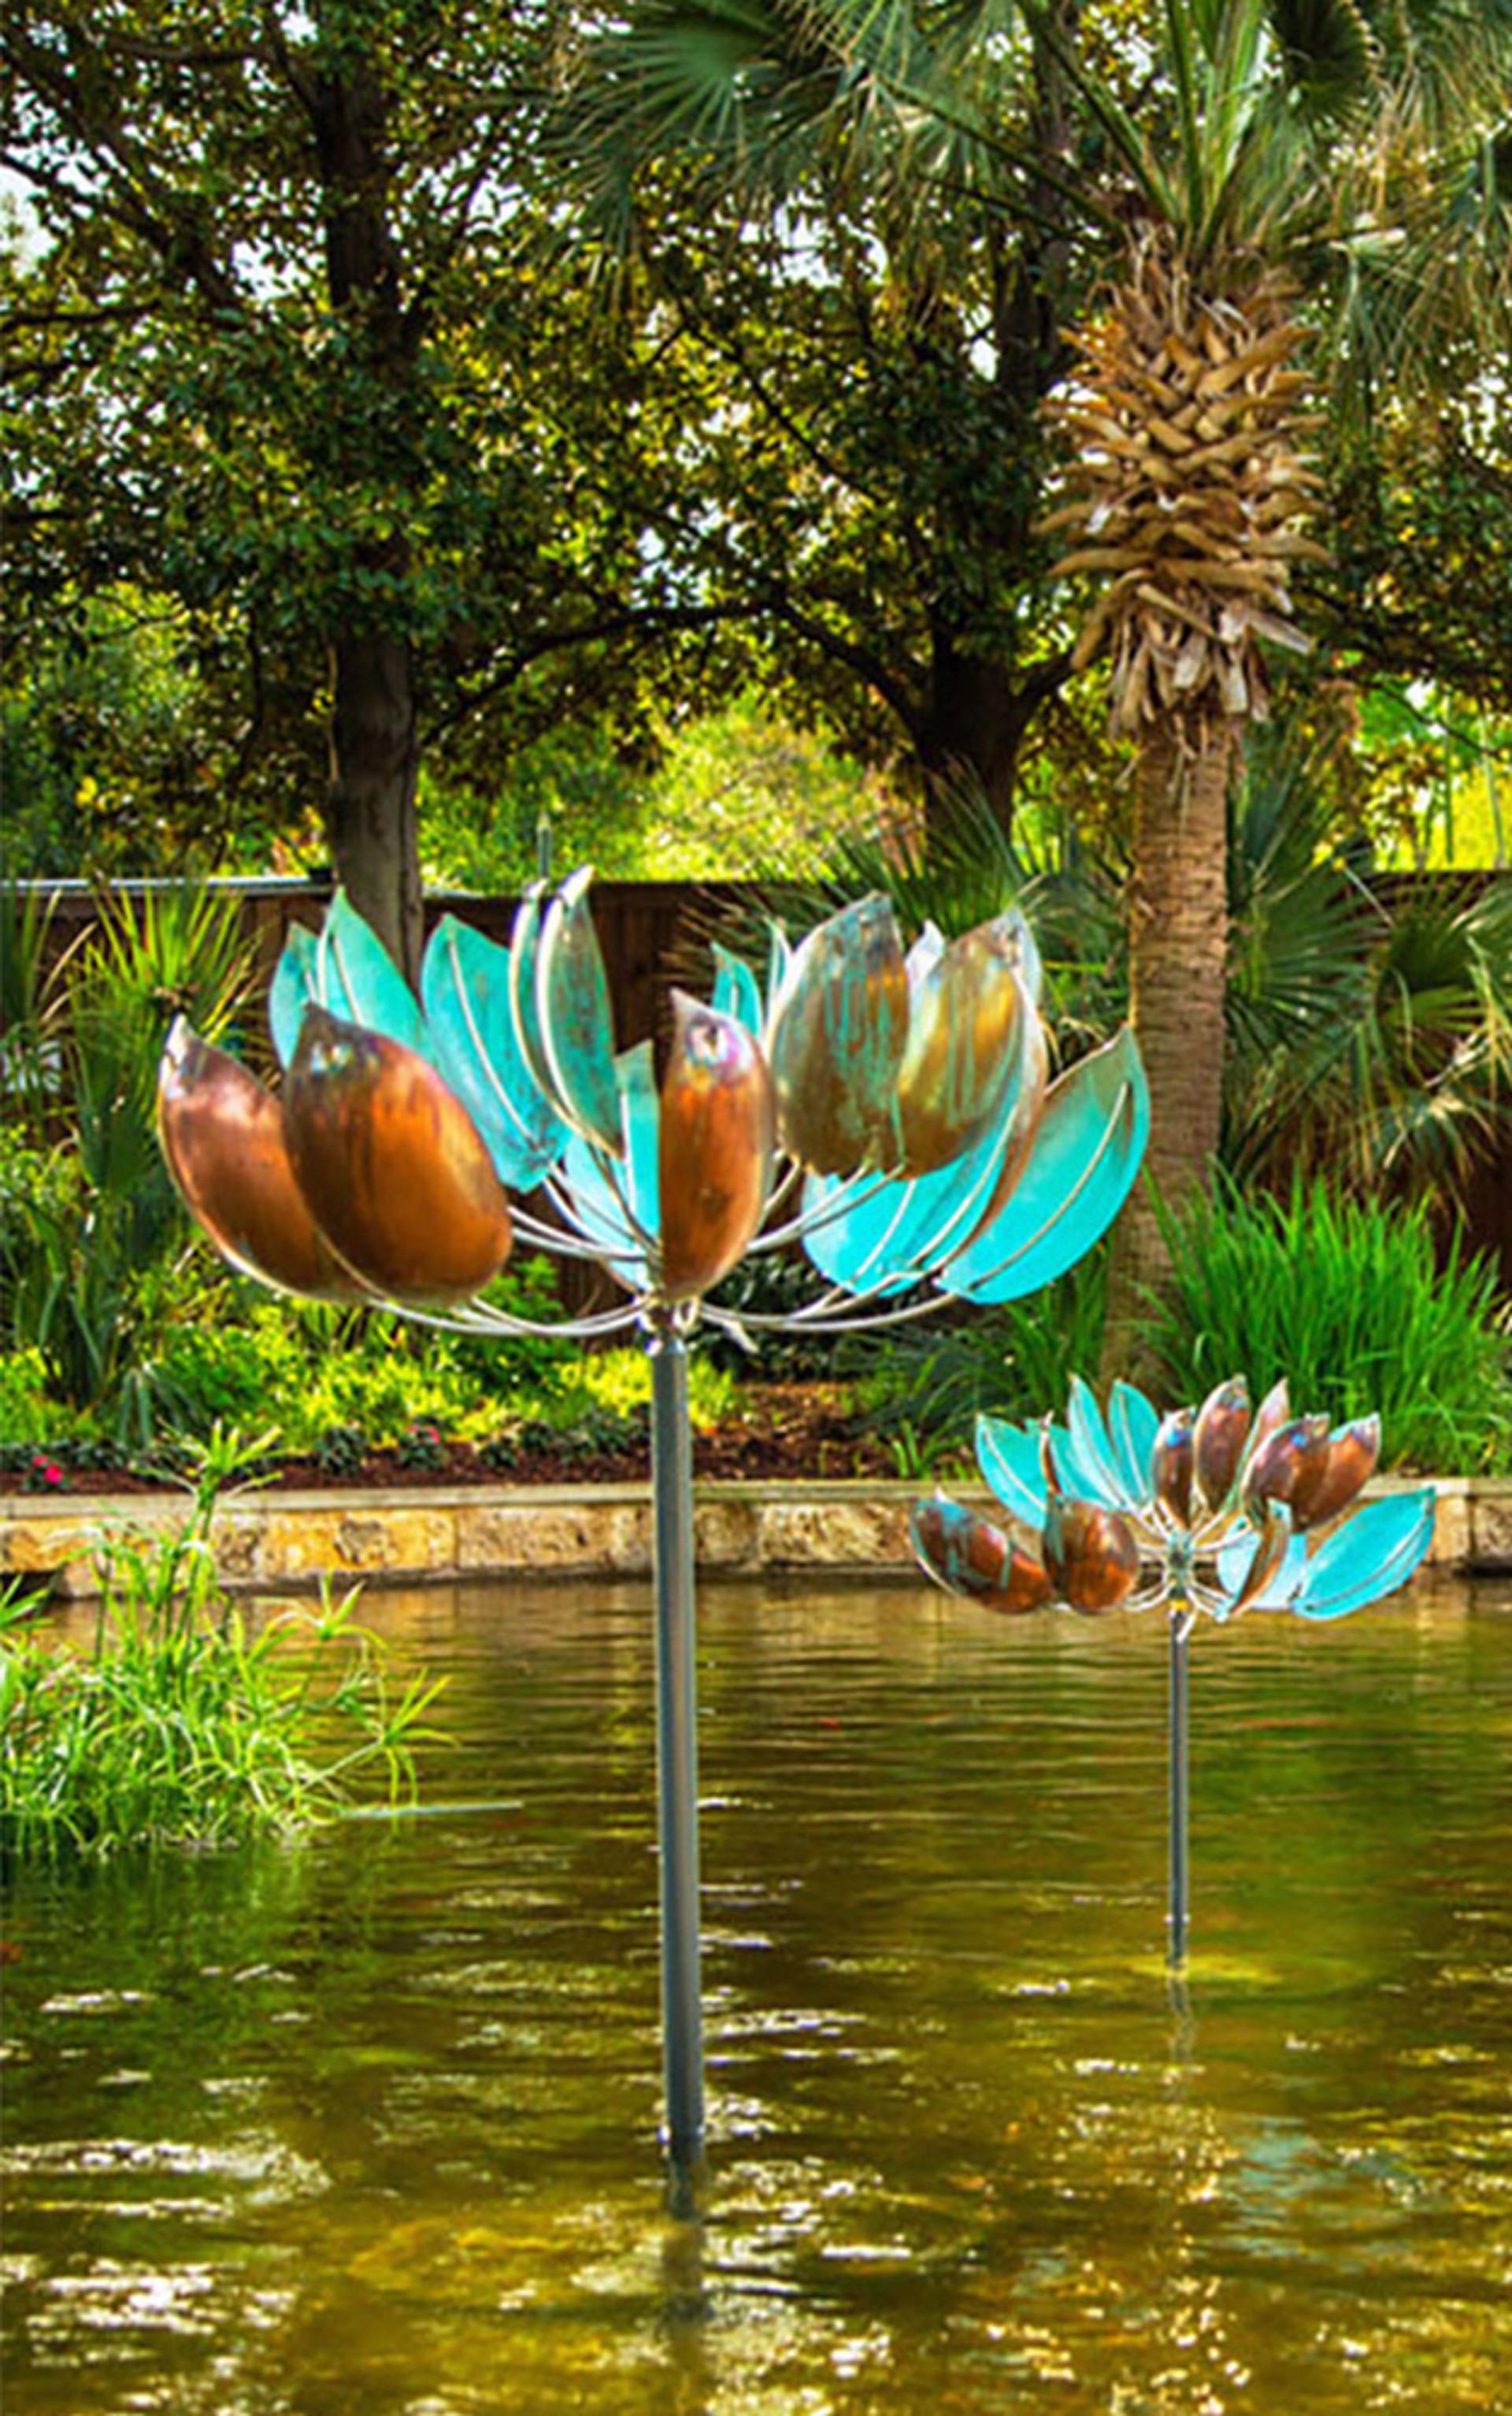 Lotus by Lyman Whitaker